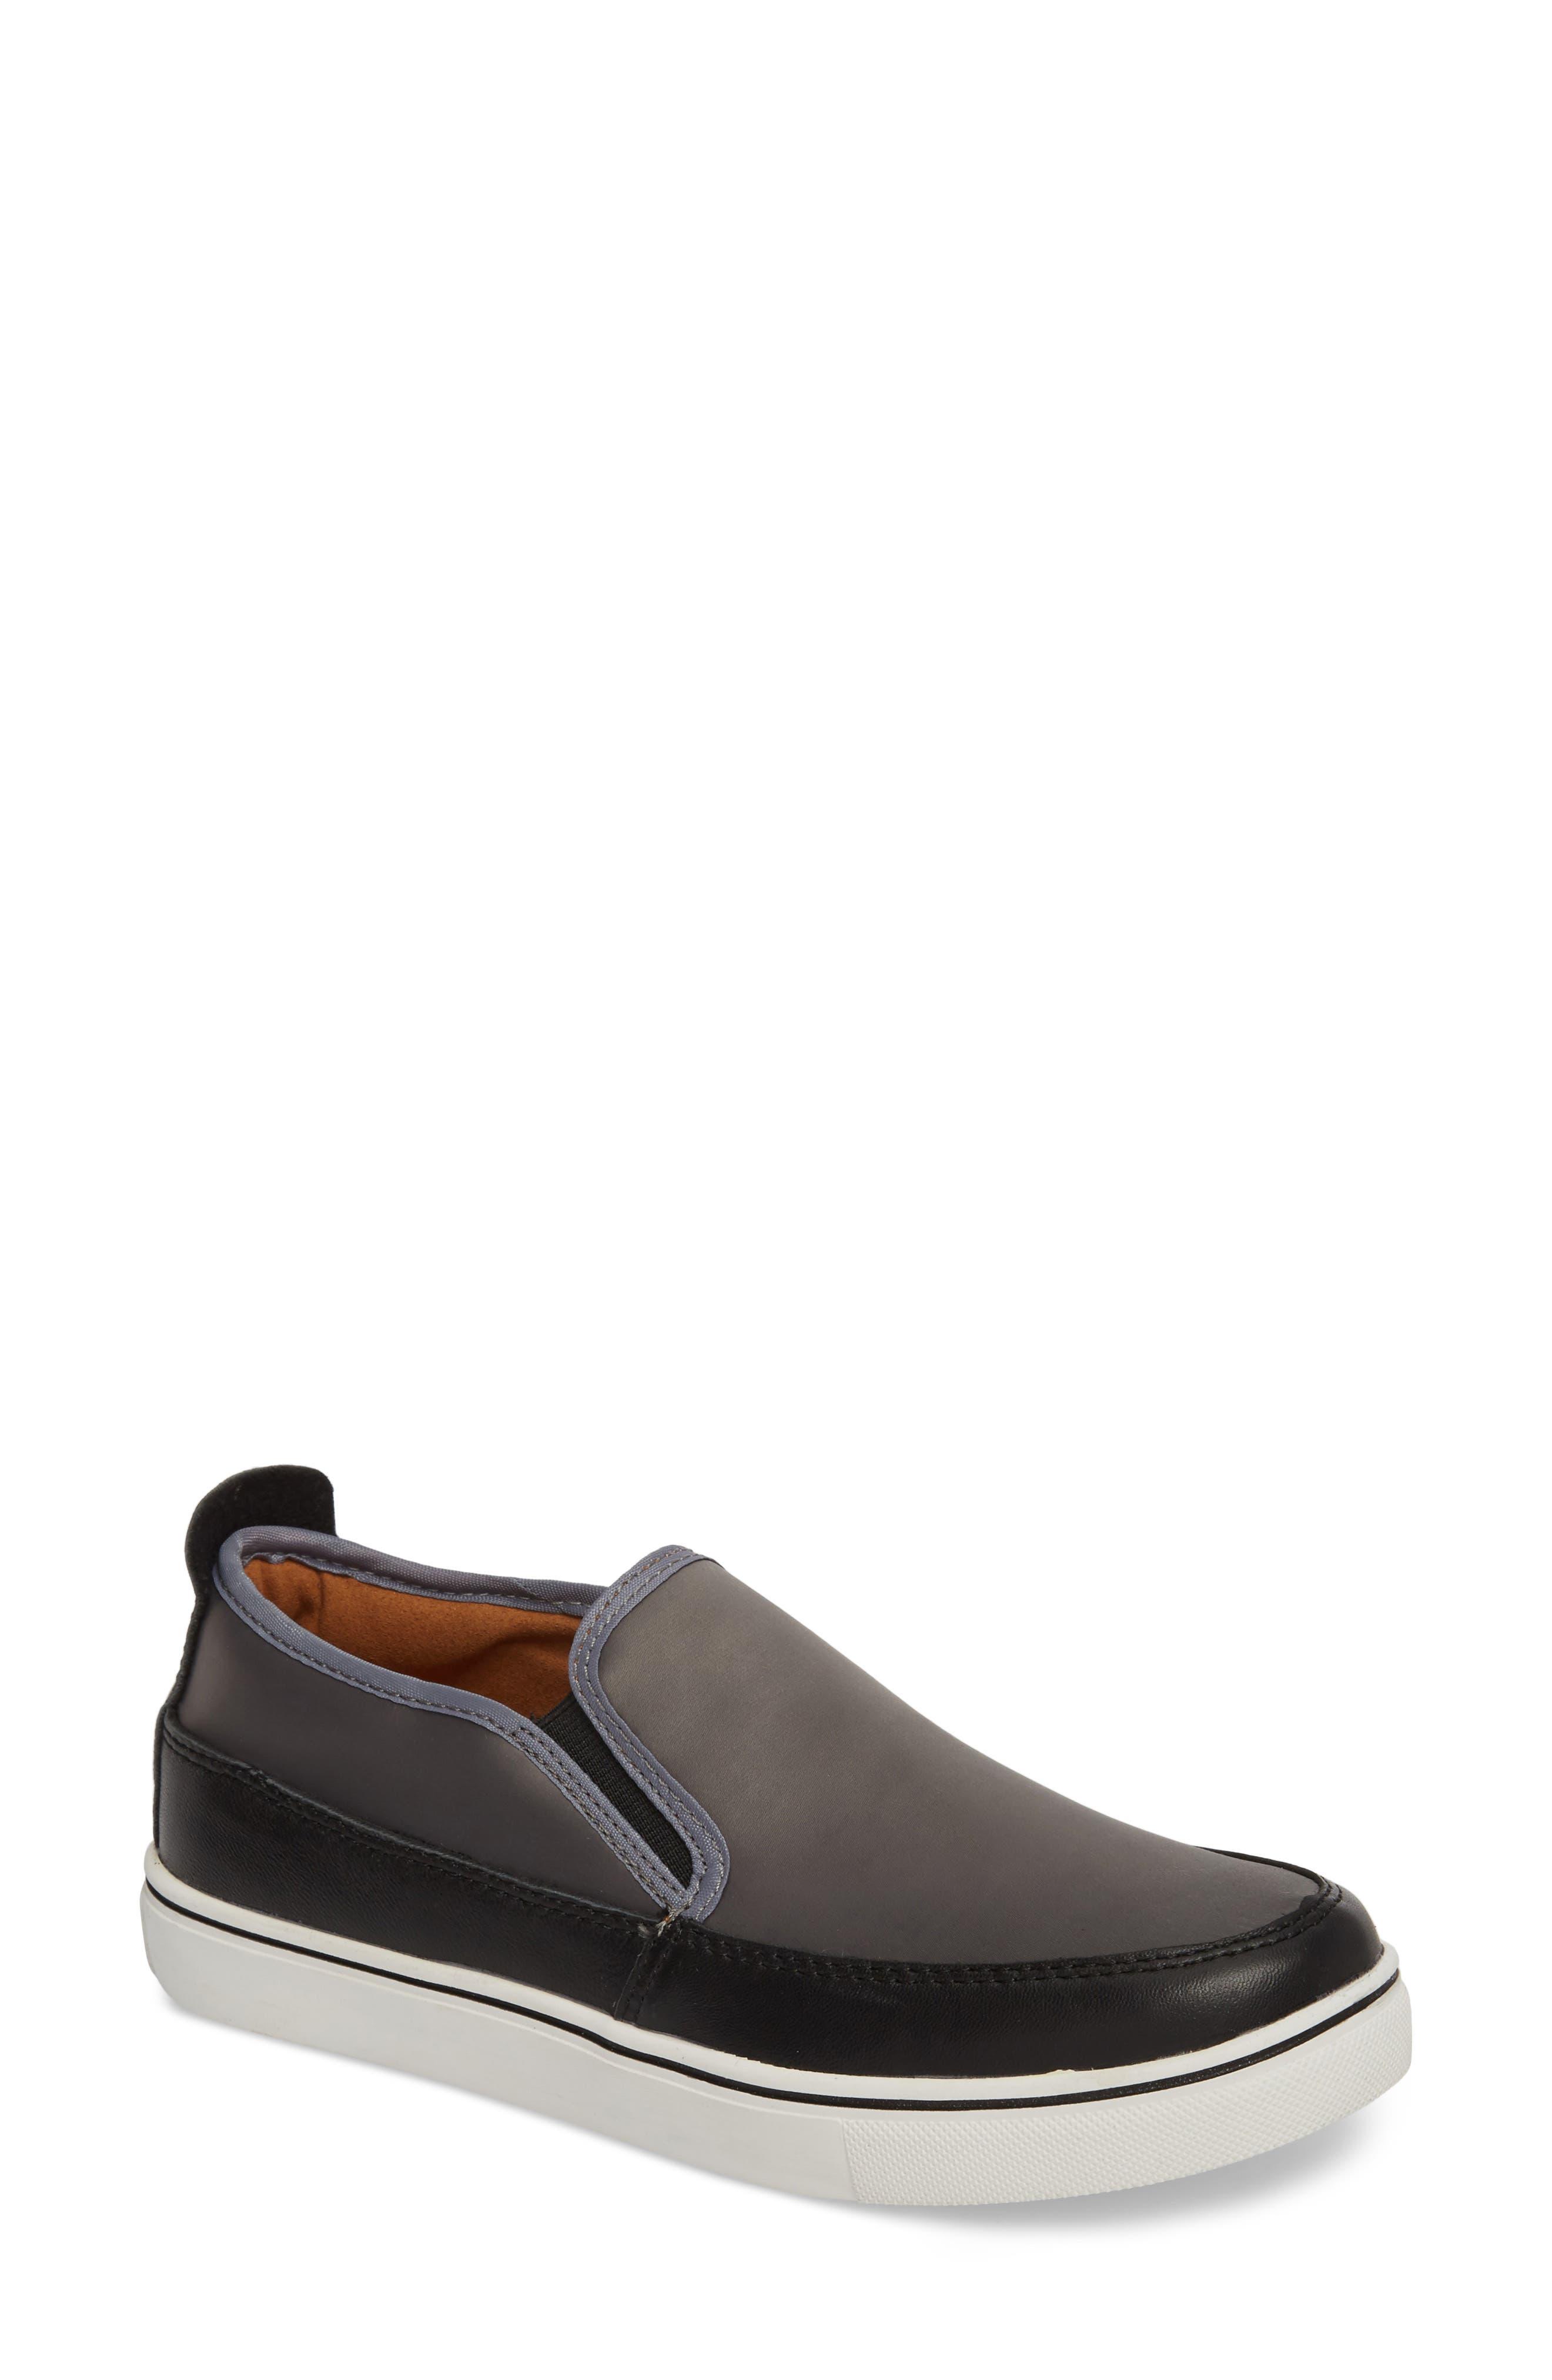 Bernie Mev. Double Gore Sneaker, Grey